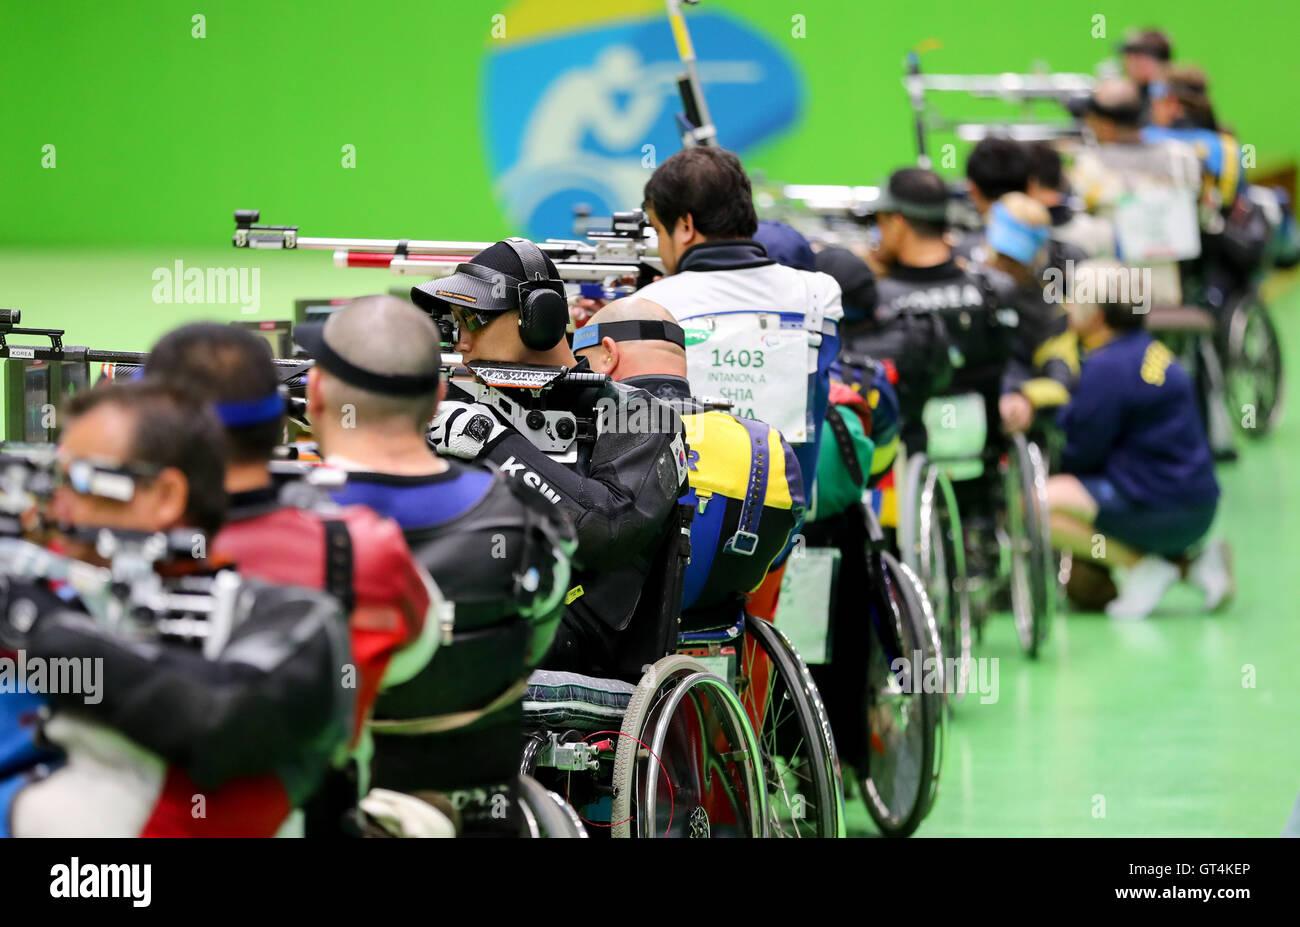 Rio de Janeiro, Brazil. 8th September, 2016. Rio de Janeiro, Brazil. 8th September, 2016. Athletes compete in Shooting - Stock Image